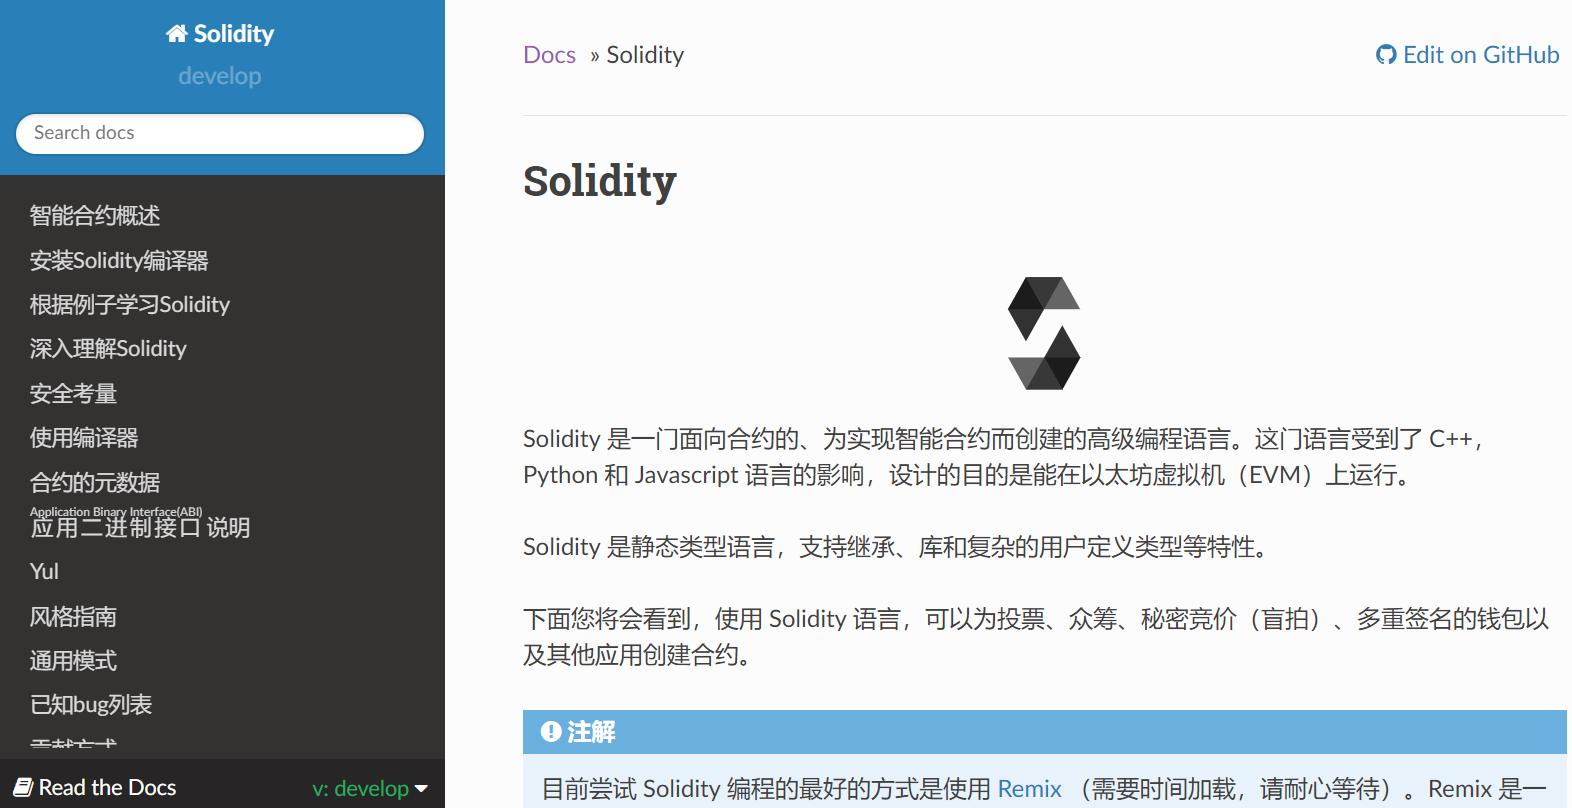 Solidity中文文档